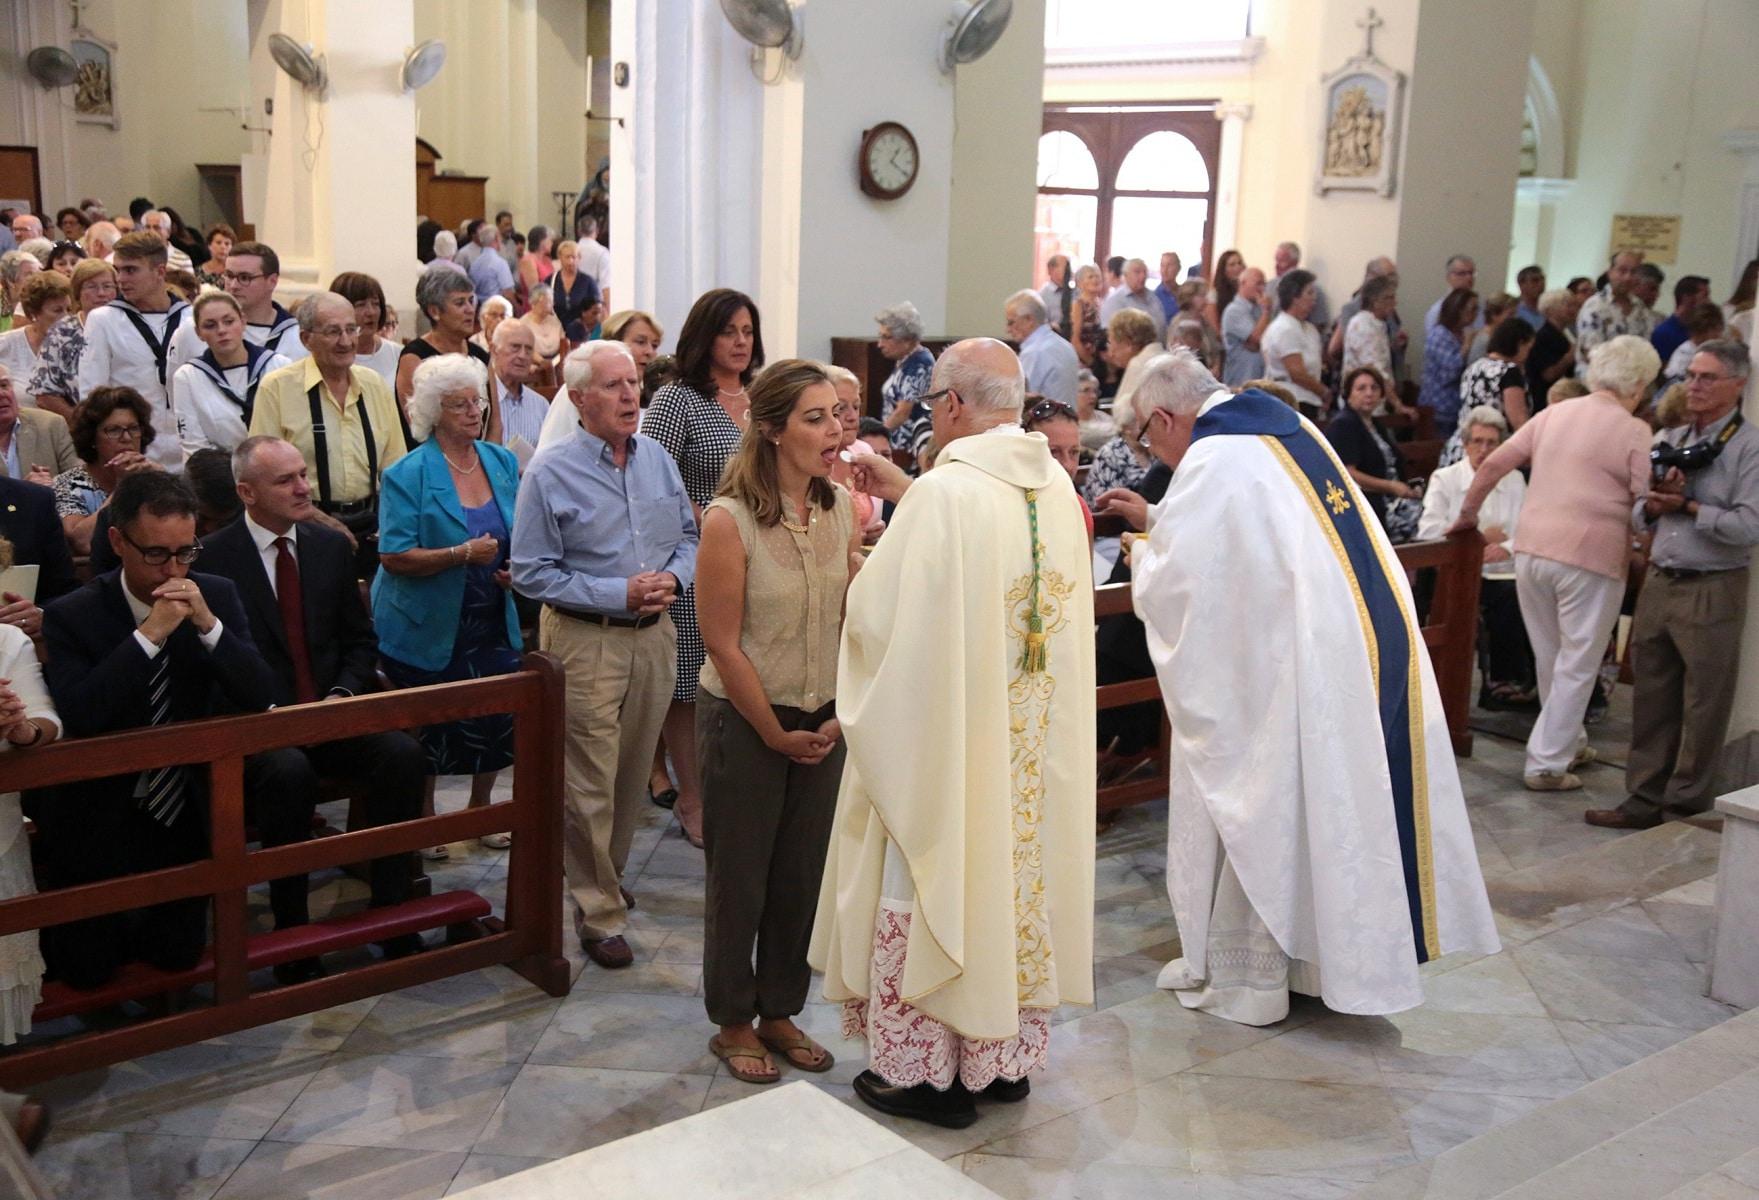 24-sep-2016-toma-de-posesin-de-carmelo-zammit-del-cargo-de-obispo-de-gibraltar_29959236635_o